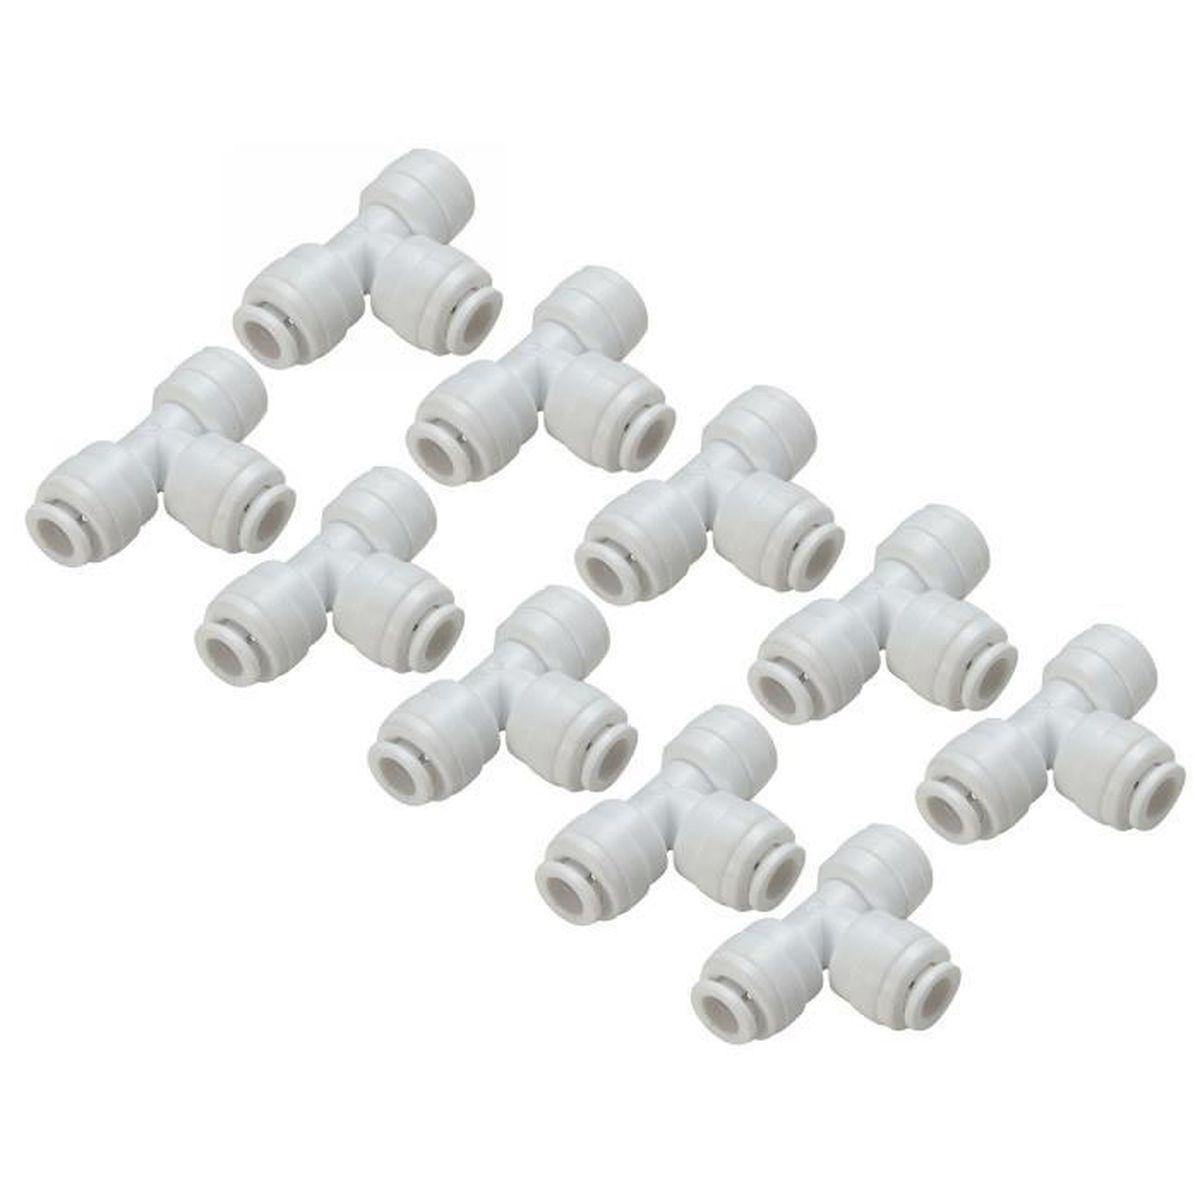 2 x 14 mm T Pièce Plastique Barbelé Connecteur Tuyau Tuyau Menuisier Tuyau Air Carburant Eau